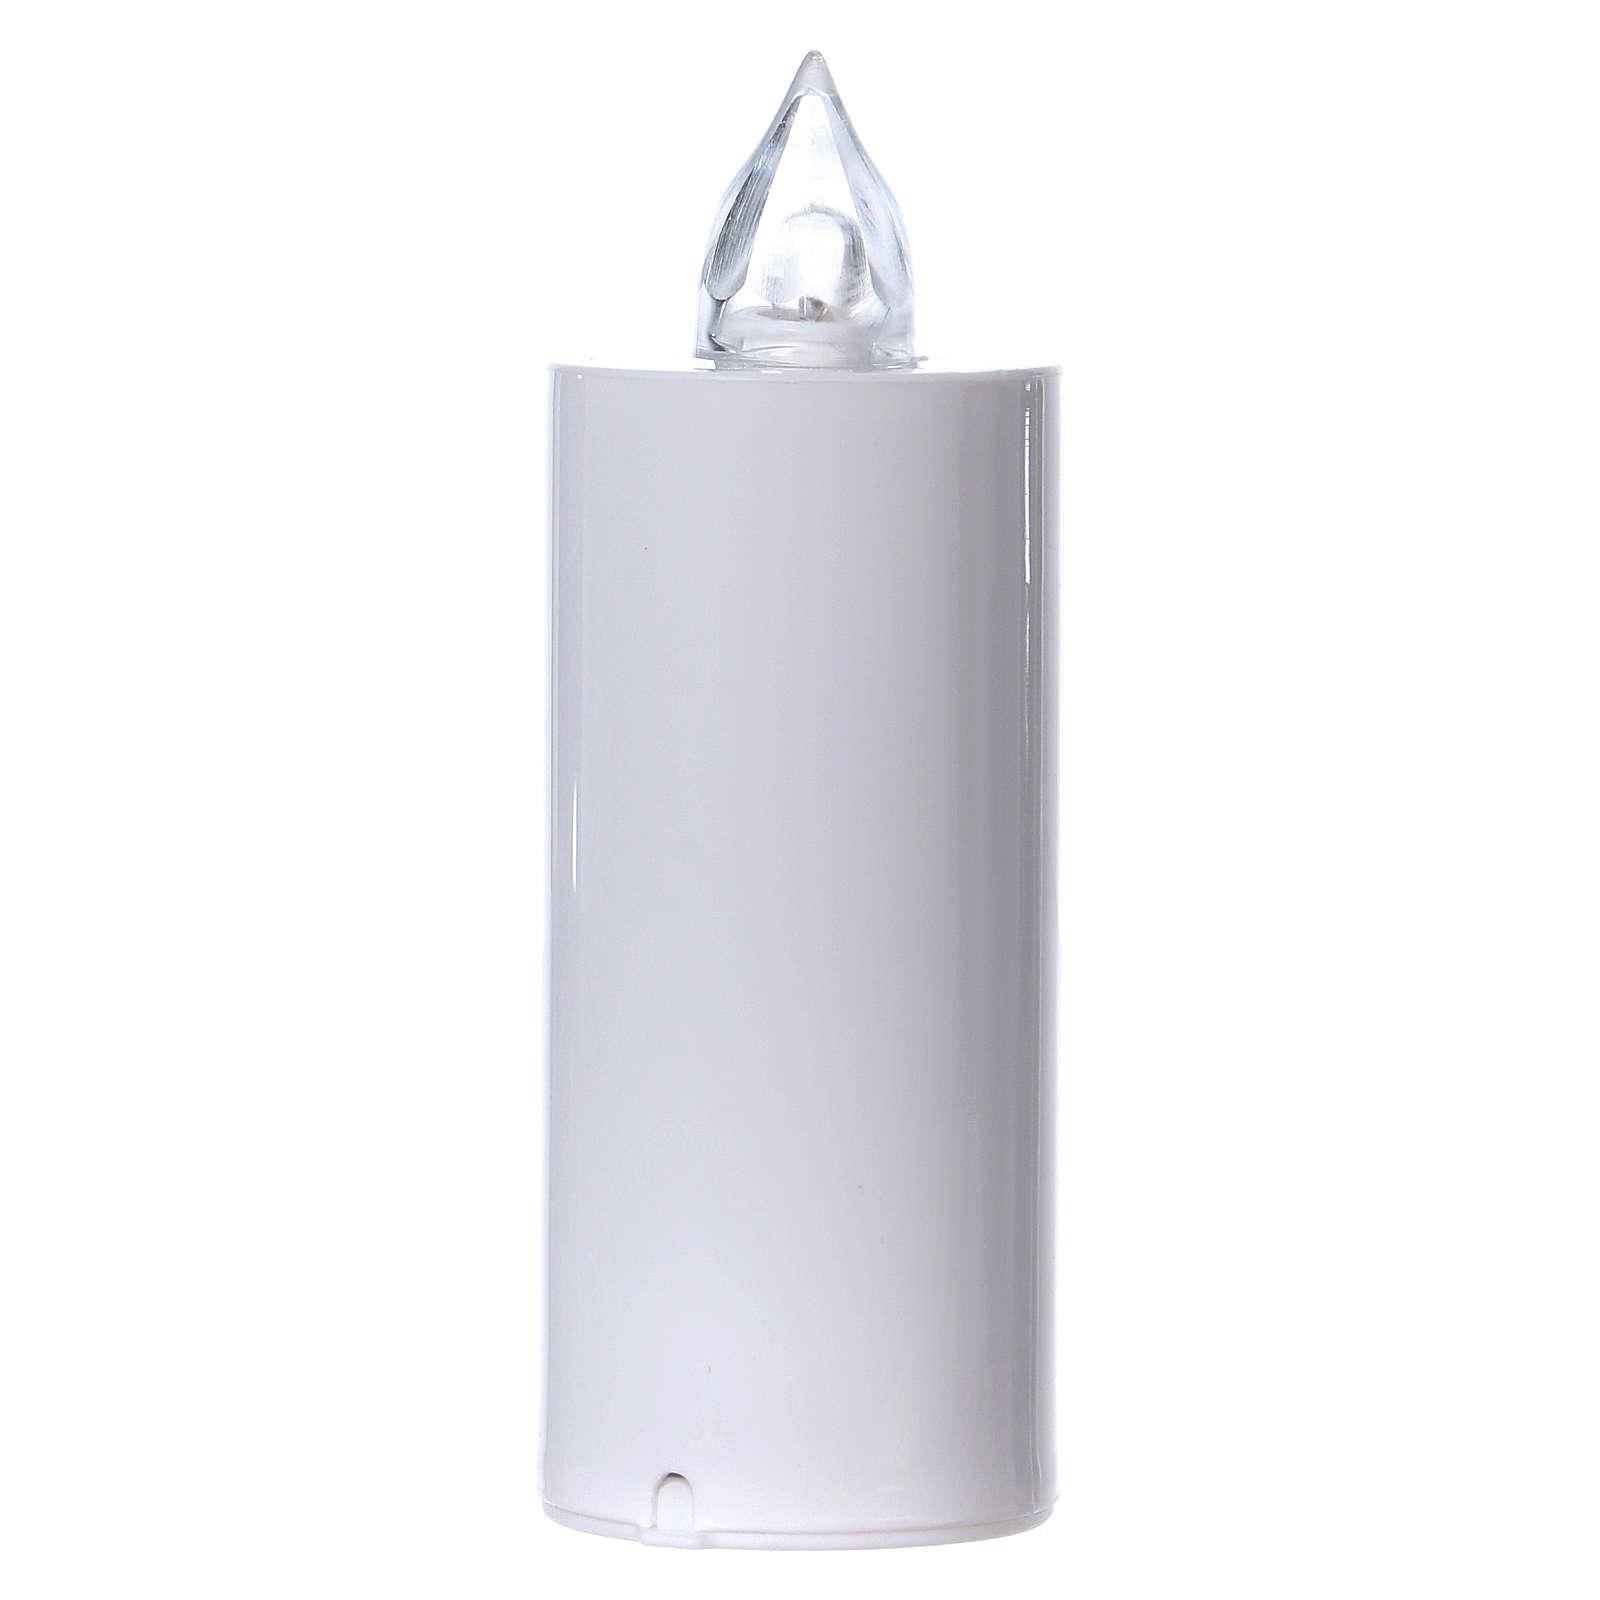 Veilleuse votive Lumada à usage unique blanche lumière clignotante blanche 3